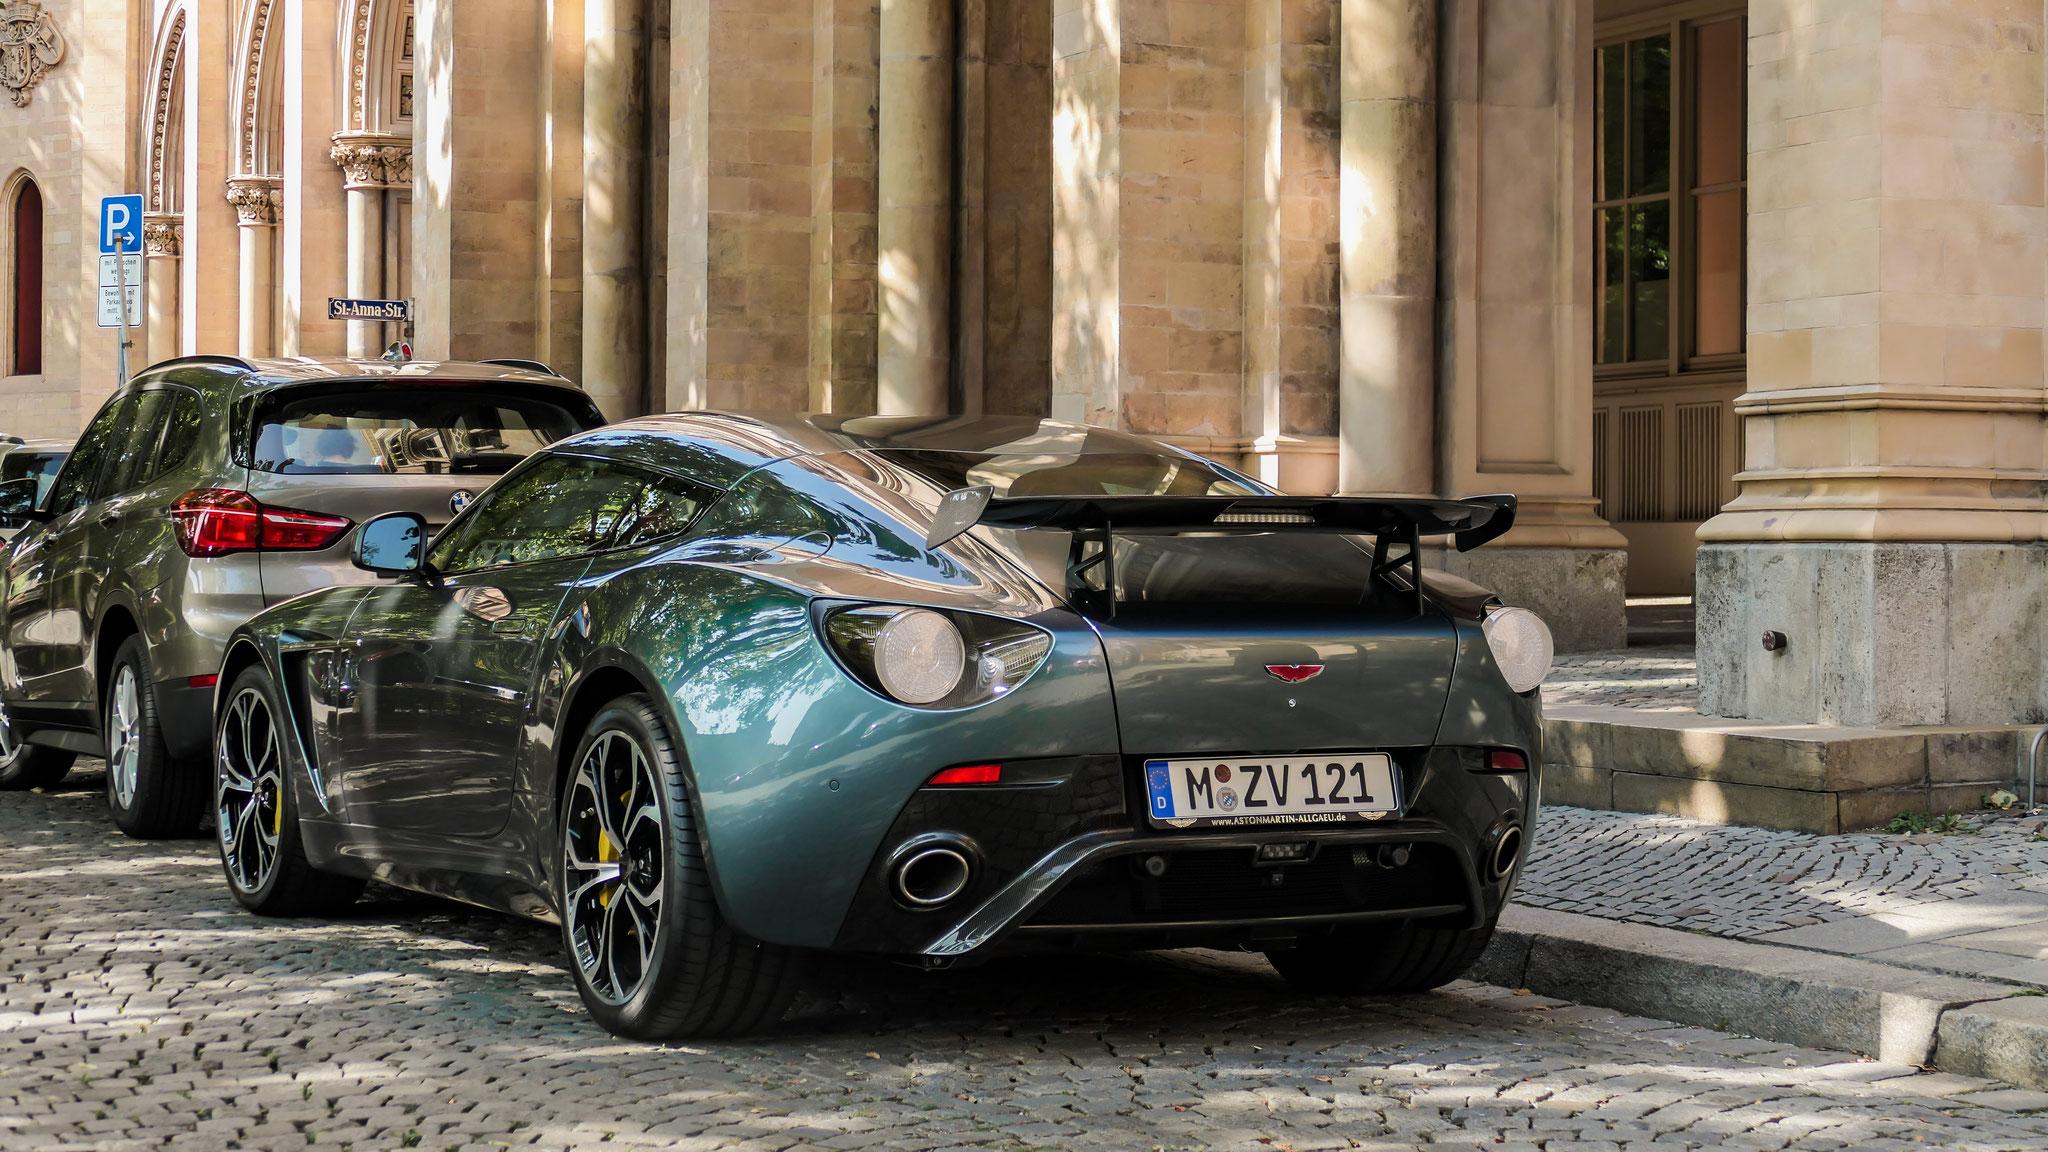 Aston Martin V12 Zagato - M-ZV-121